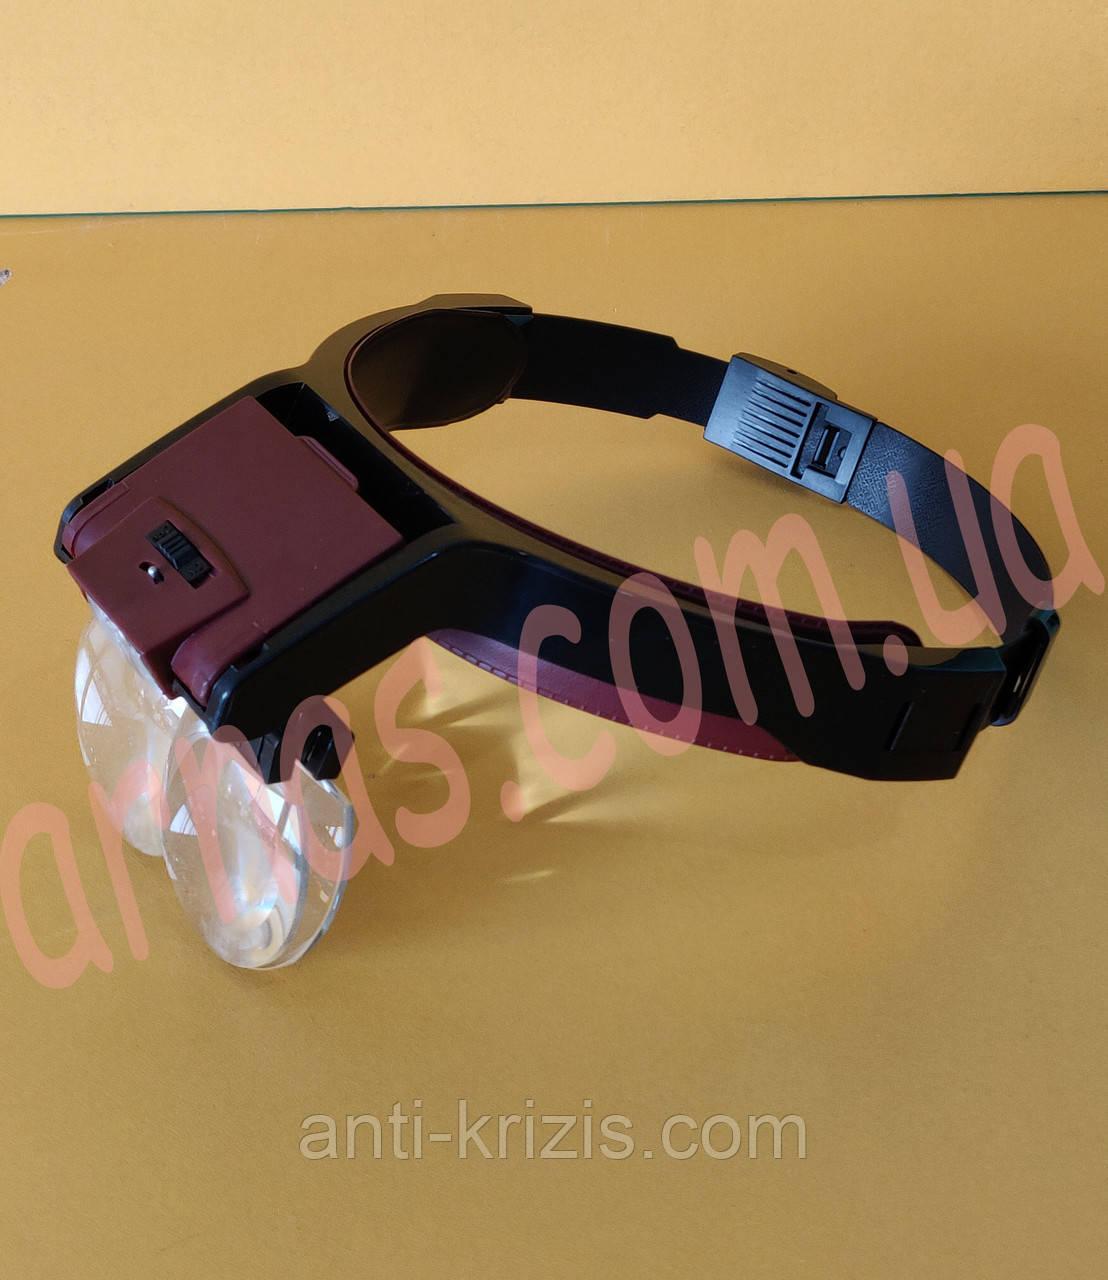 Бинокуляр очки бинокулярные со светодиодной подсветкой MG81001-B